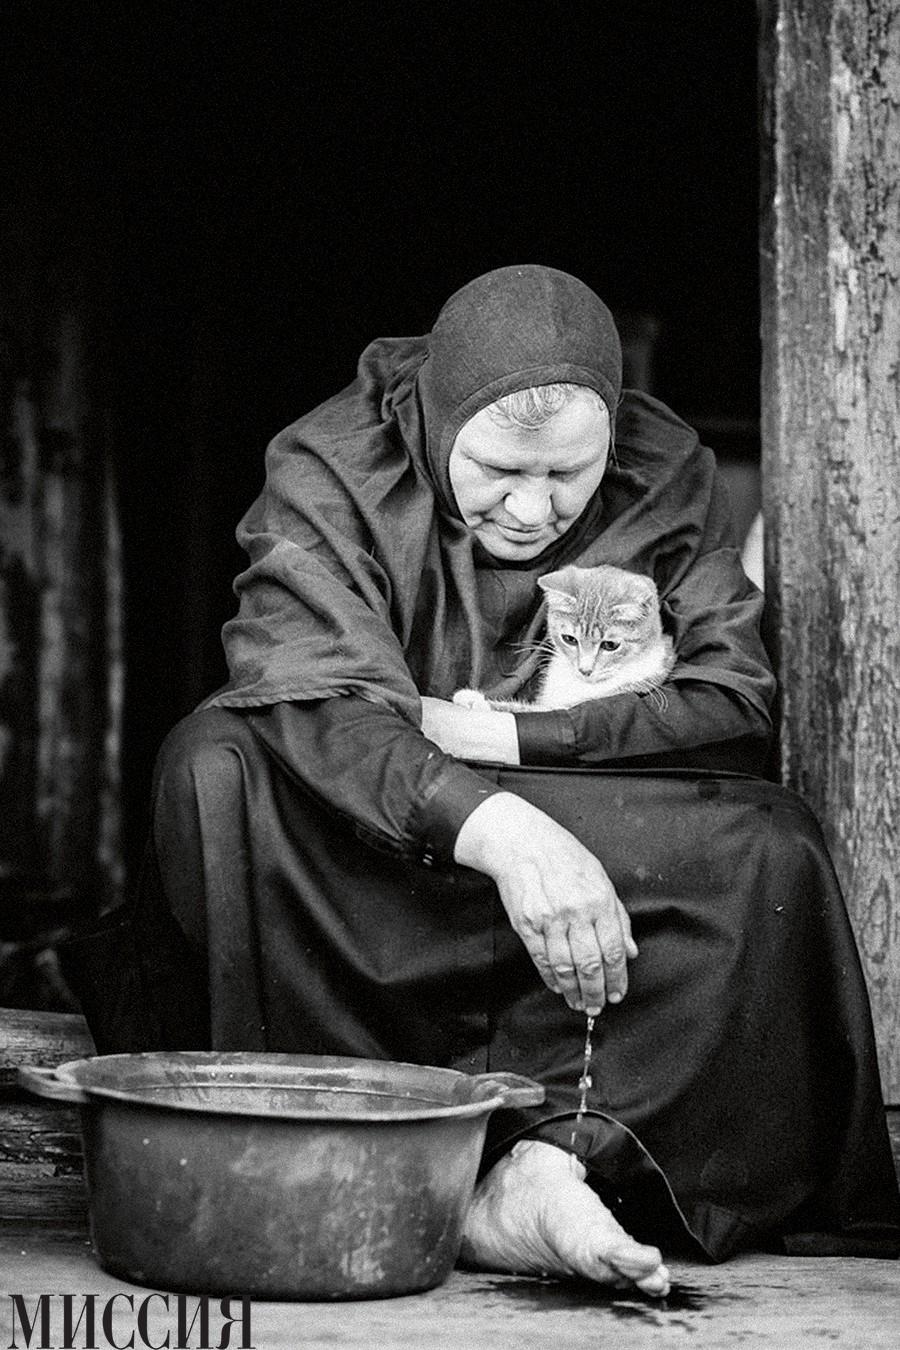 Там, где сердце: Село Булзи и его обитательницы